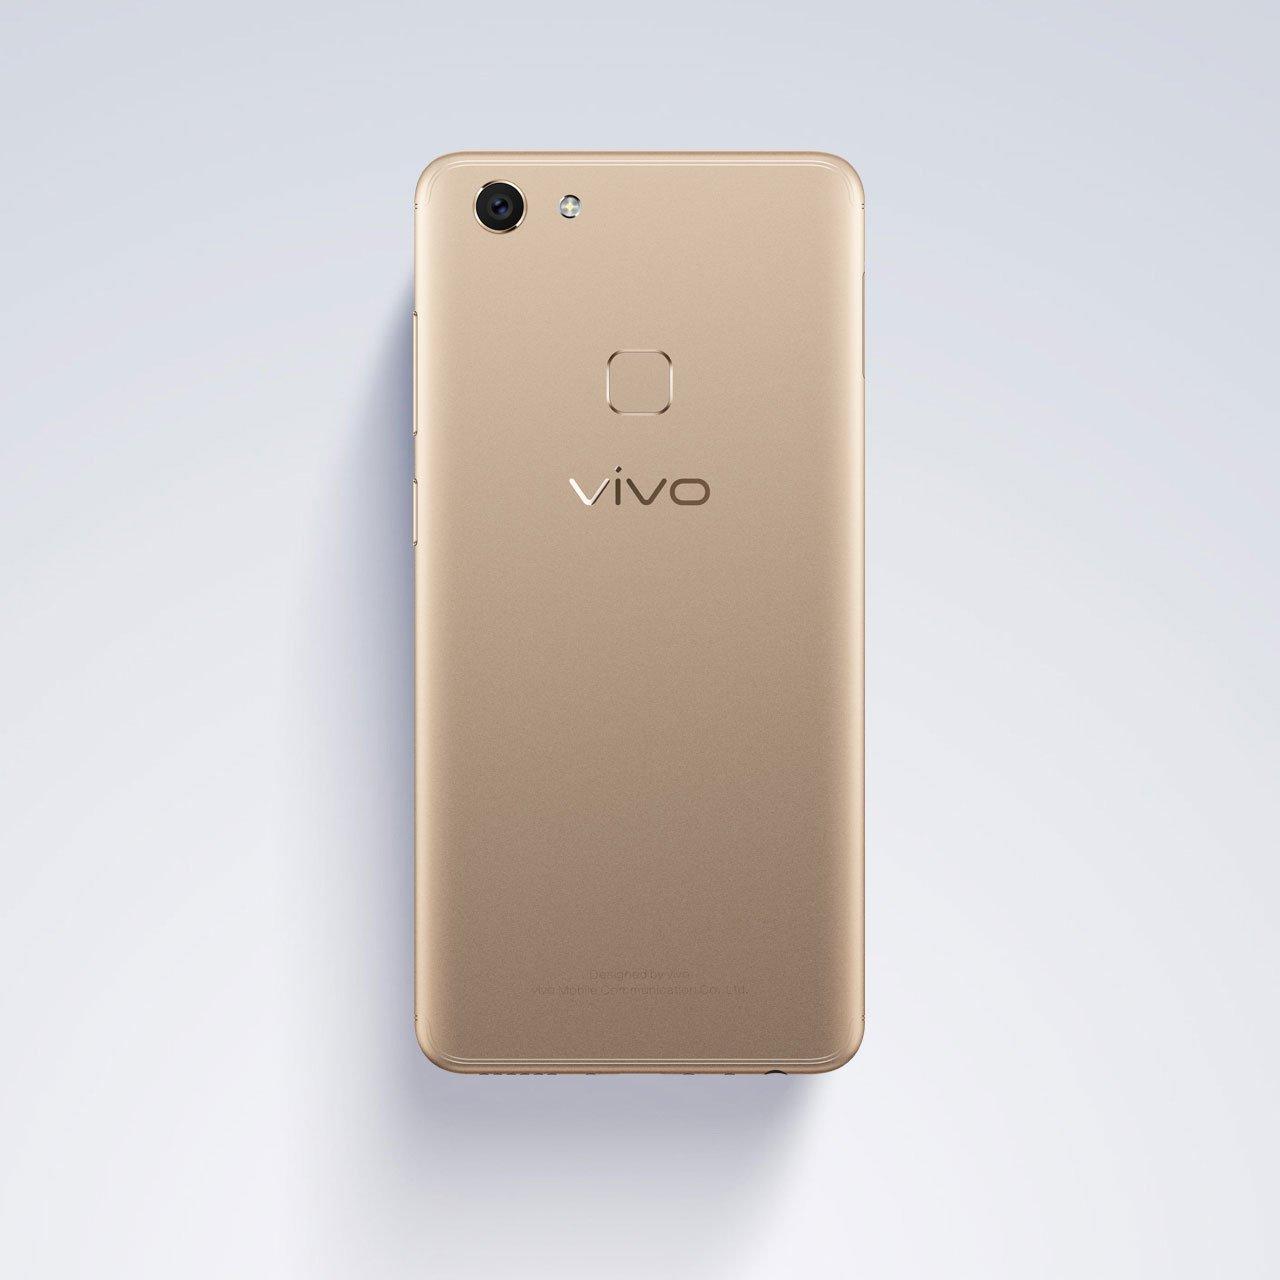 Vivo chính thức ra mắt V7: màn hình FullView, camera selfie 24MP hình 6